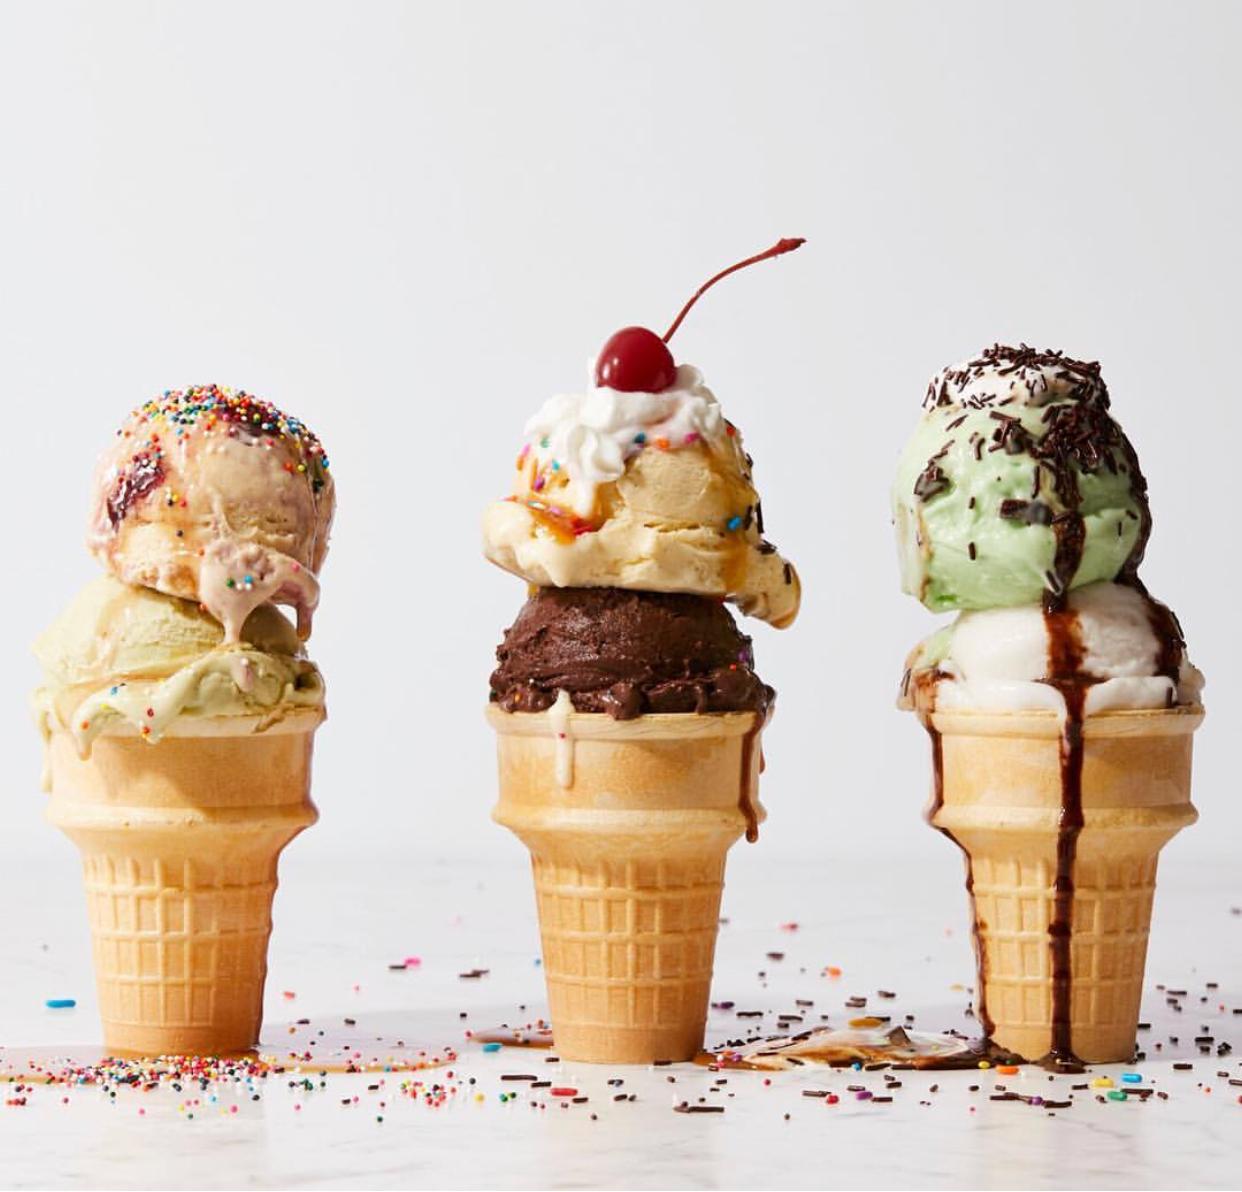 Sugar Hill Creamery  Instagram